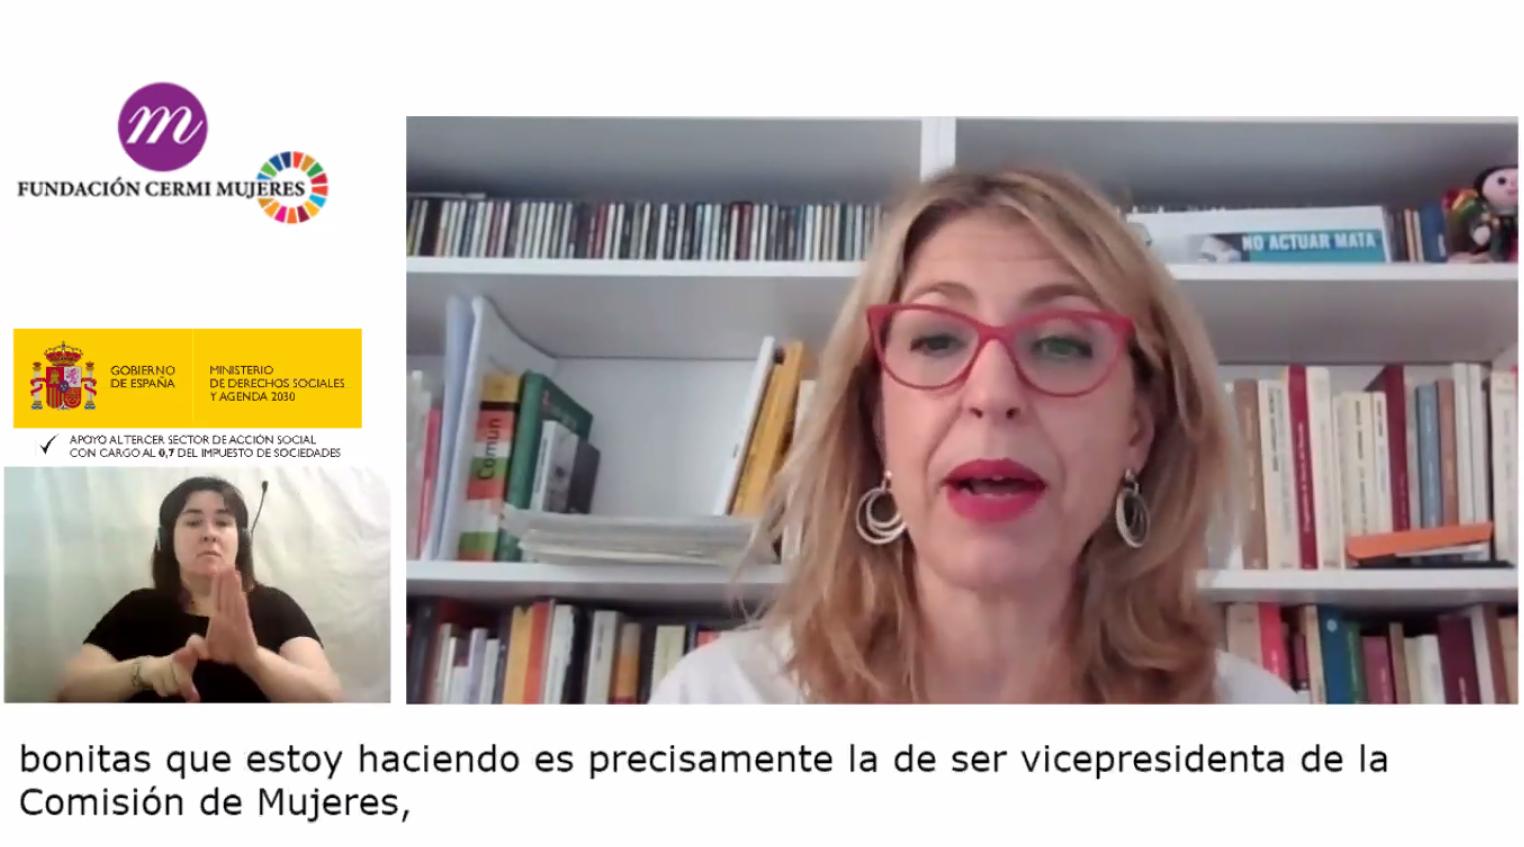 Imagen por webcam de un momento del encuentro en la que aparece Eugenia Rodríguez Palop (Eurodiputada y Vicepresidenta de Comisión de Derechos de la Mujer e Igualdad de Género del Parlamento Europeo) y la interprete de lengua de signos